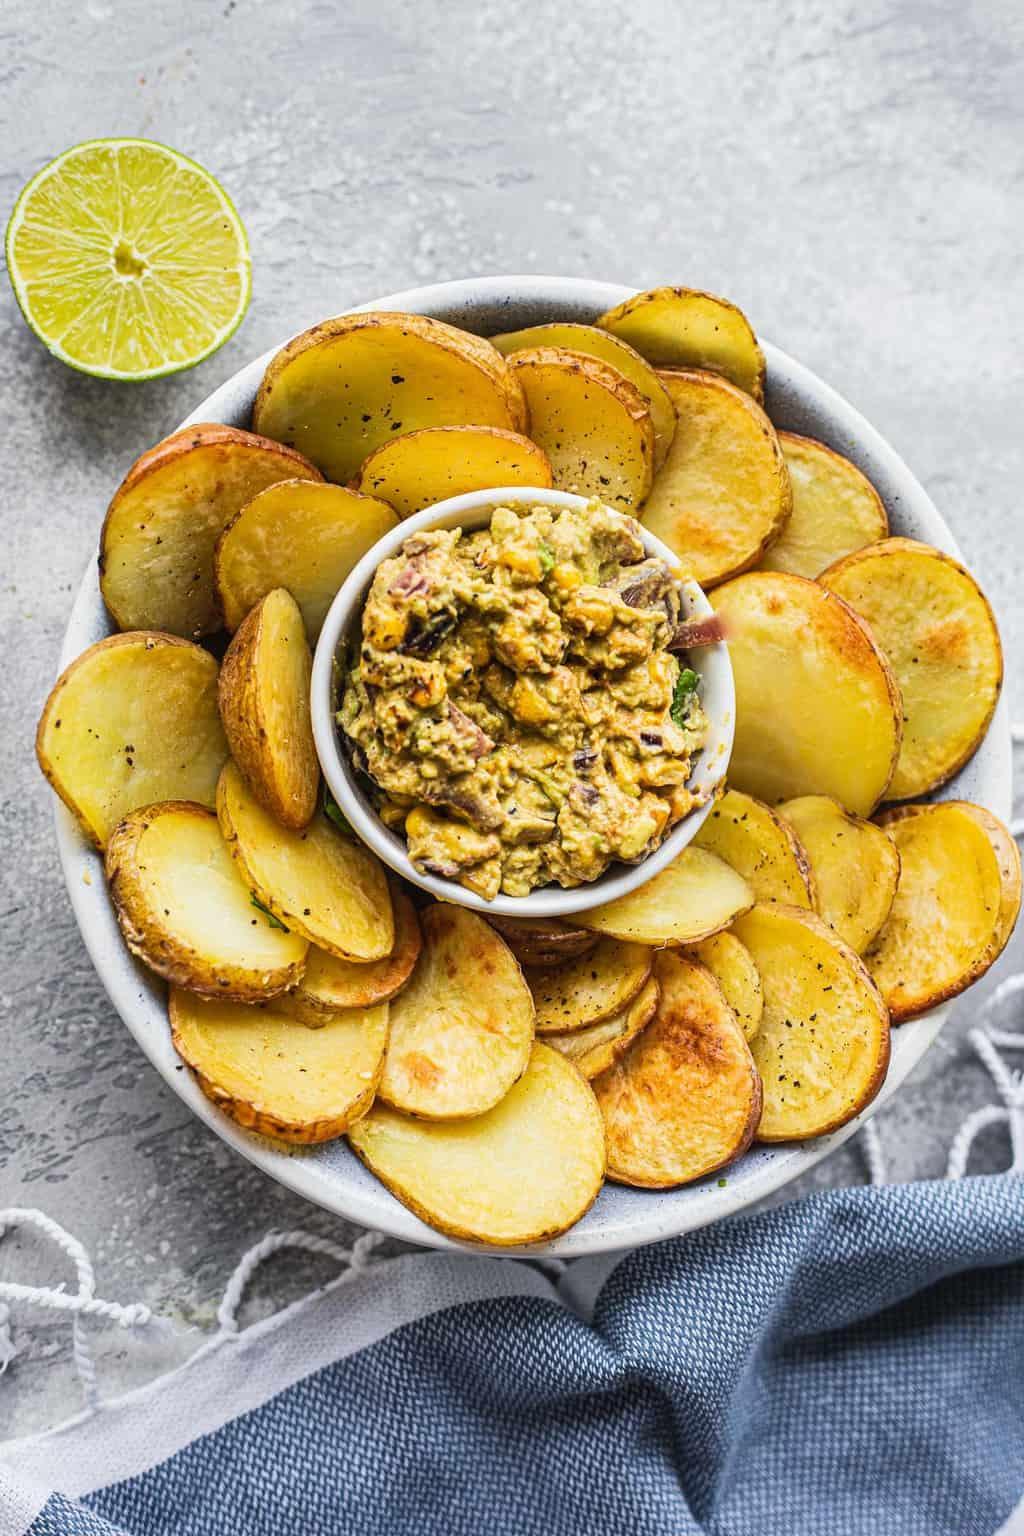 Avocado dip with homemade potato chips